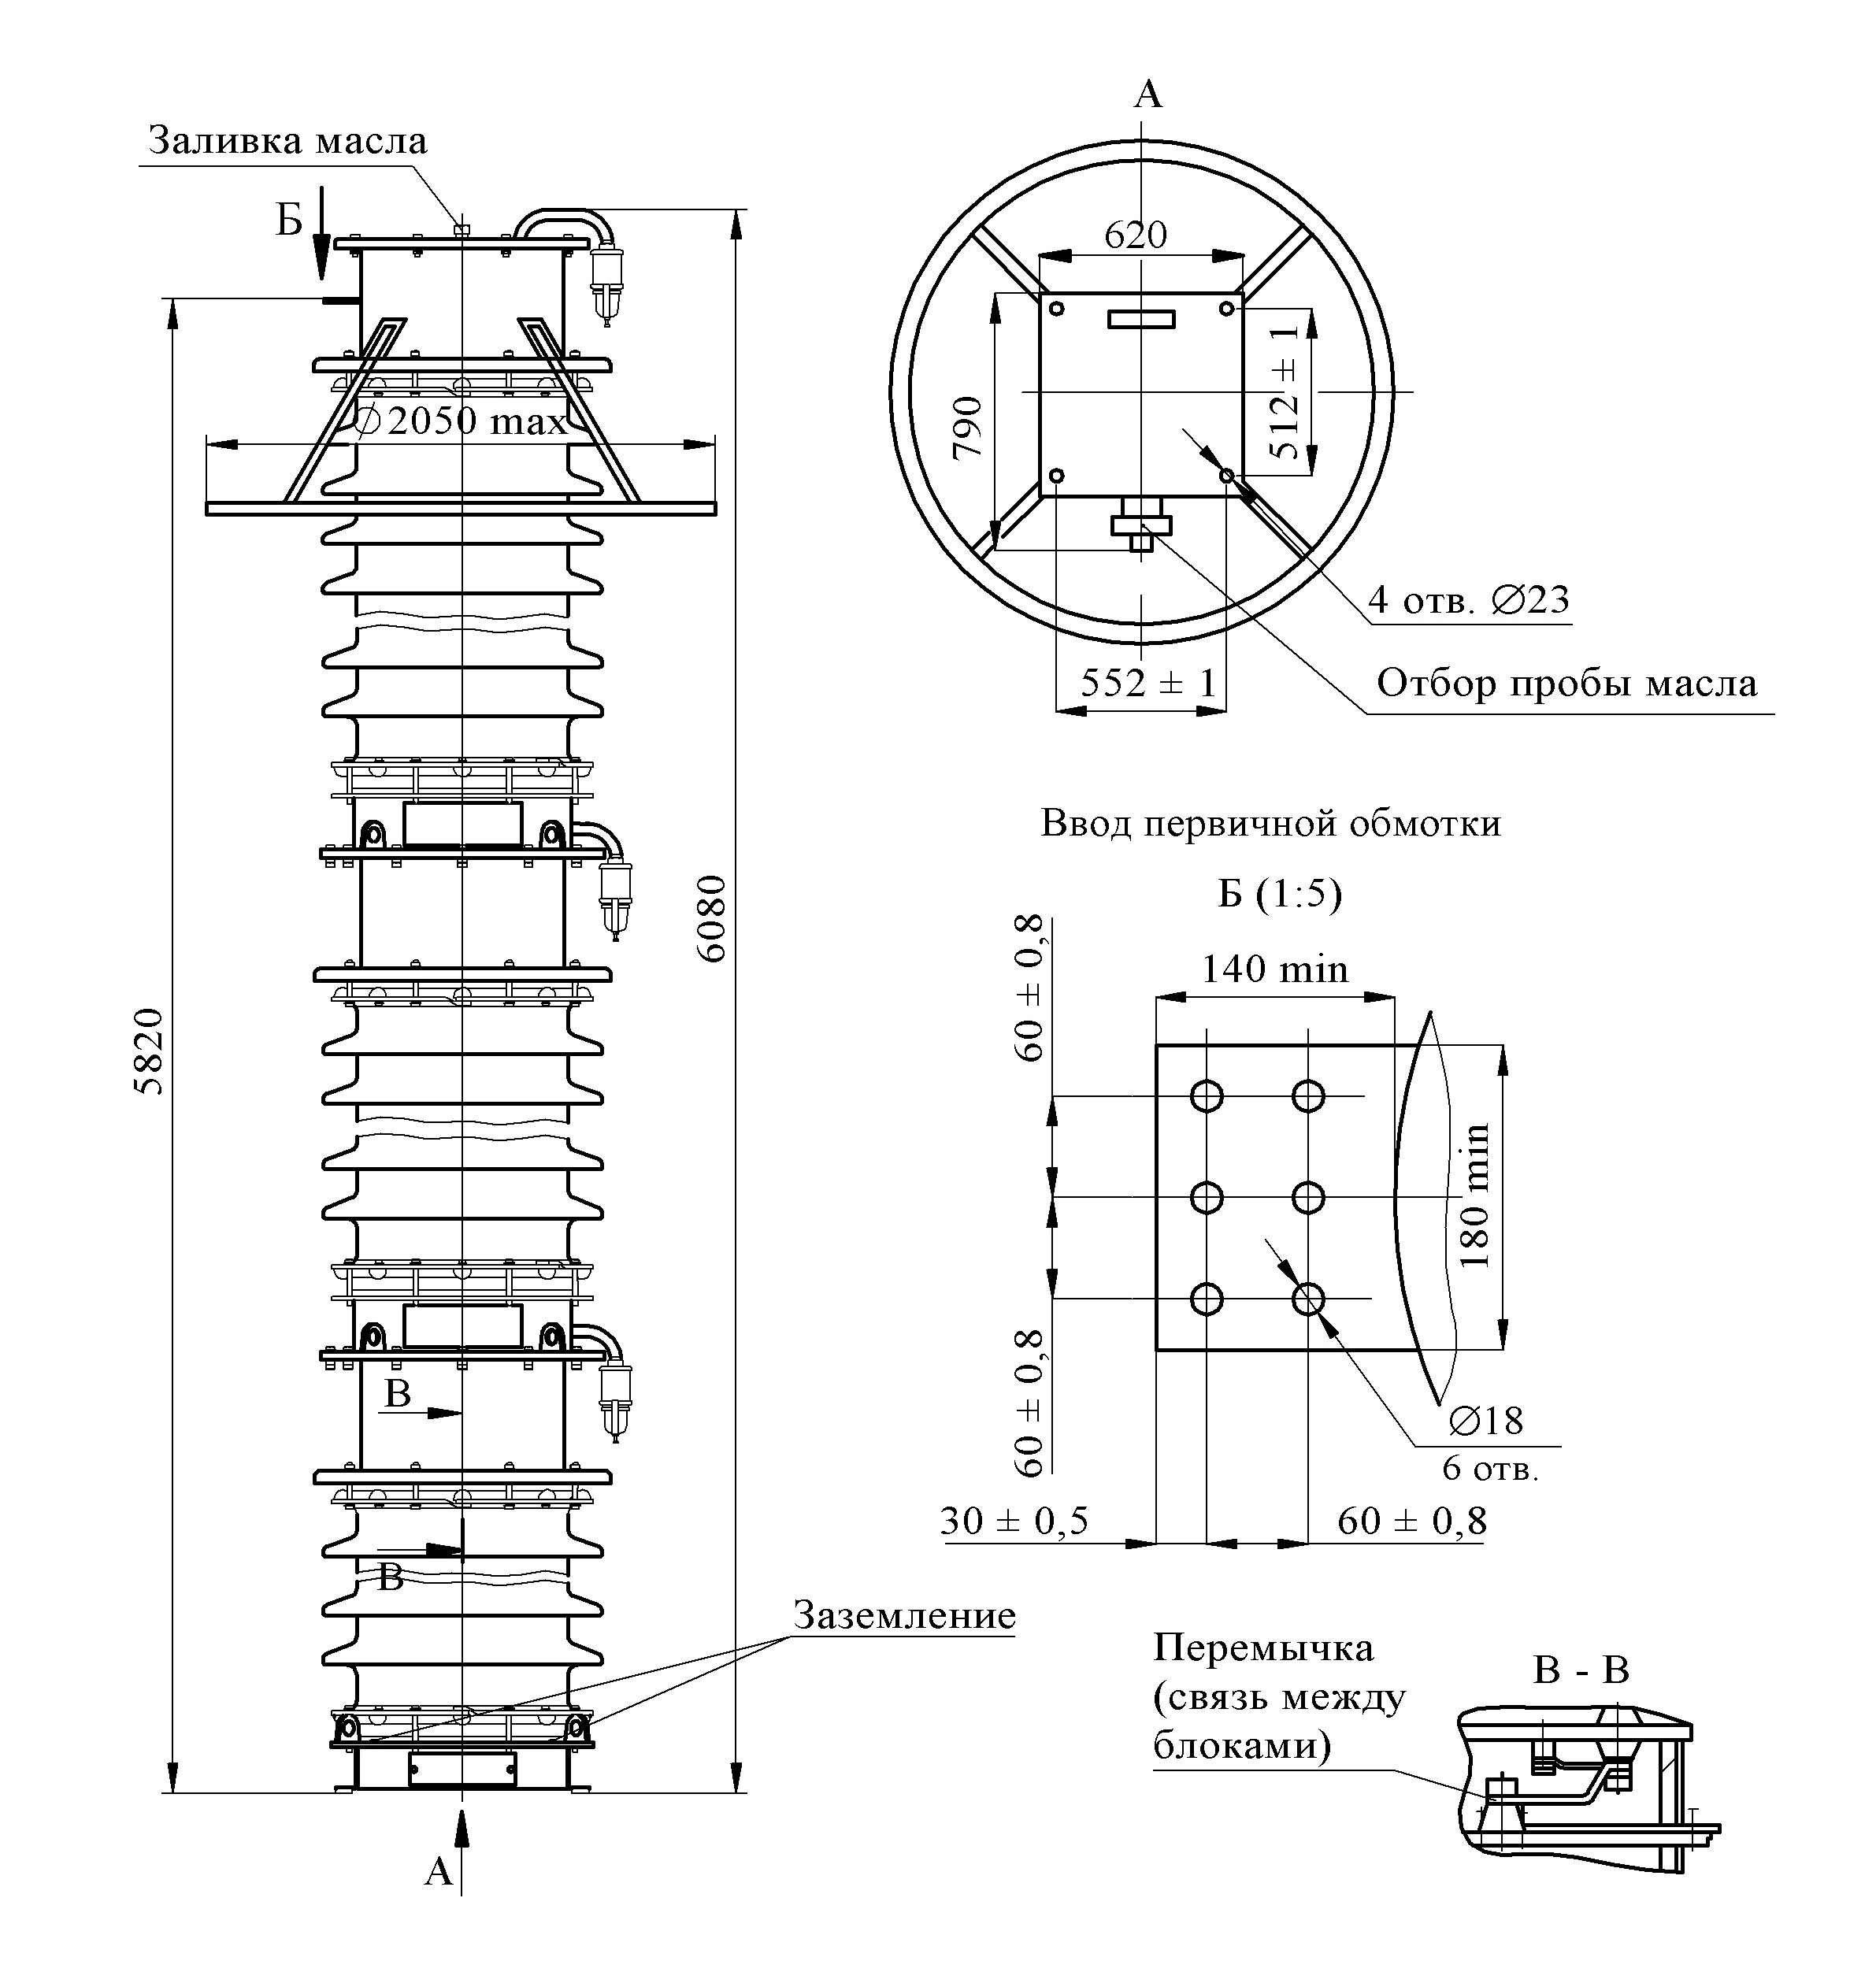 Трансформатор напряжения НКФ–М-400 I Т1 (экспорт, класс точности 1,0)